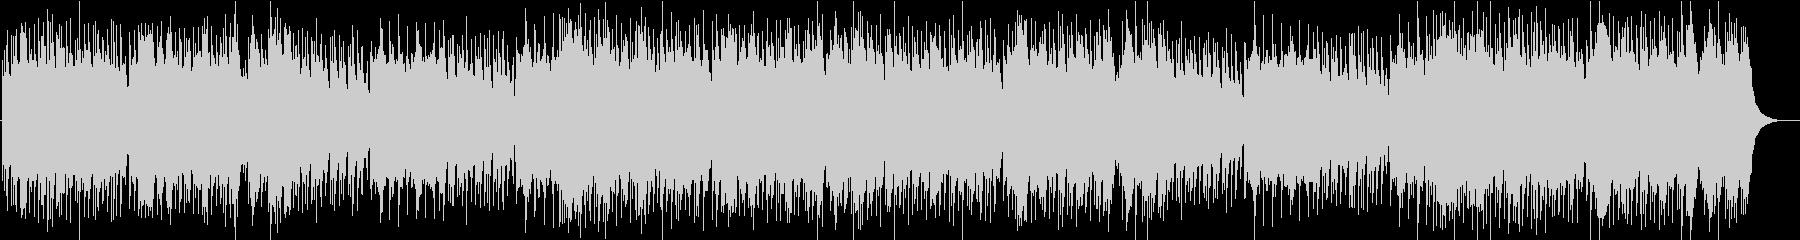 ラデツキー行進曲 オルゴールオーケストラの未再生の波形